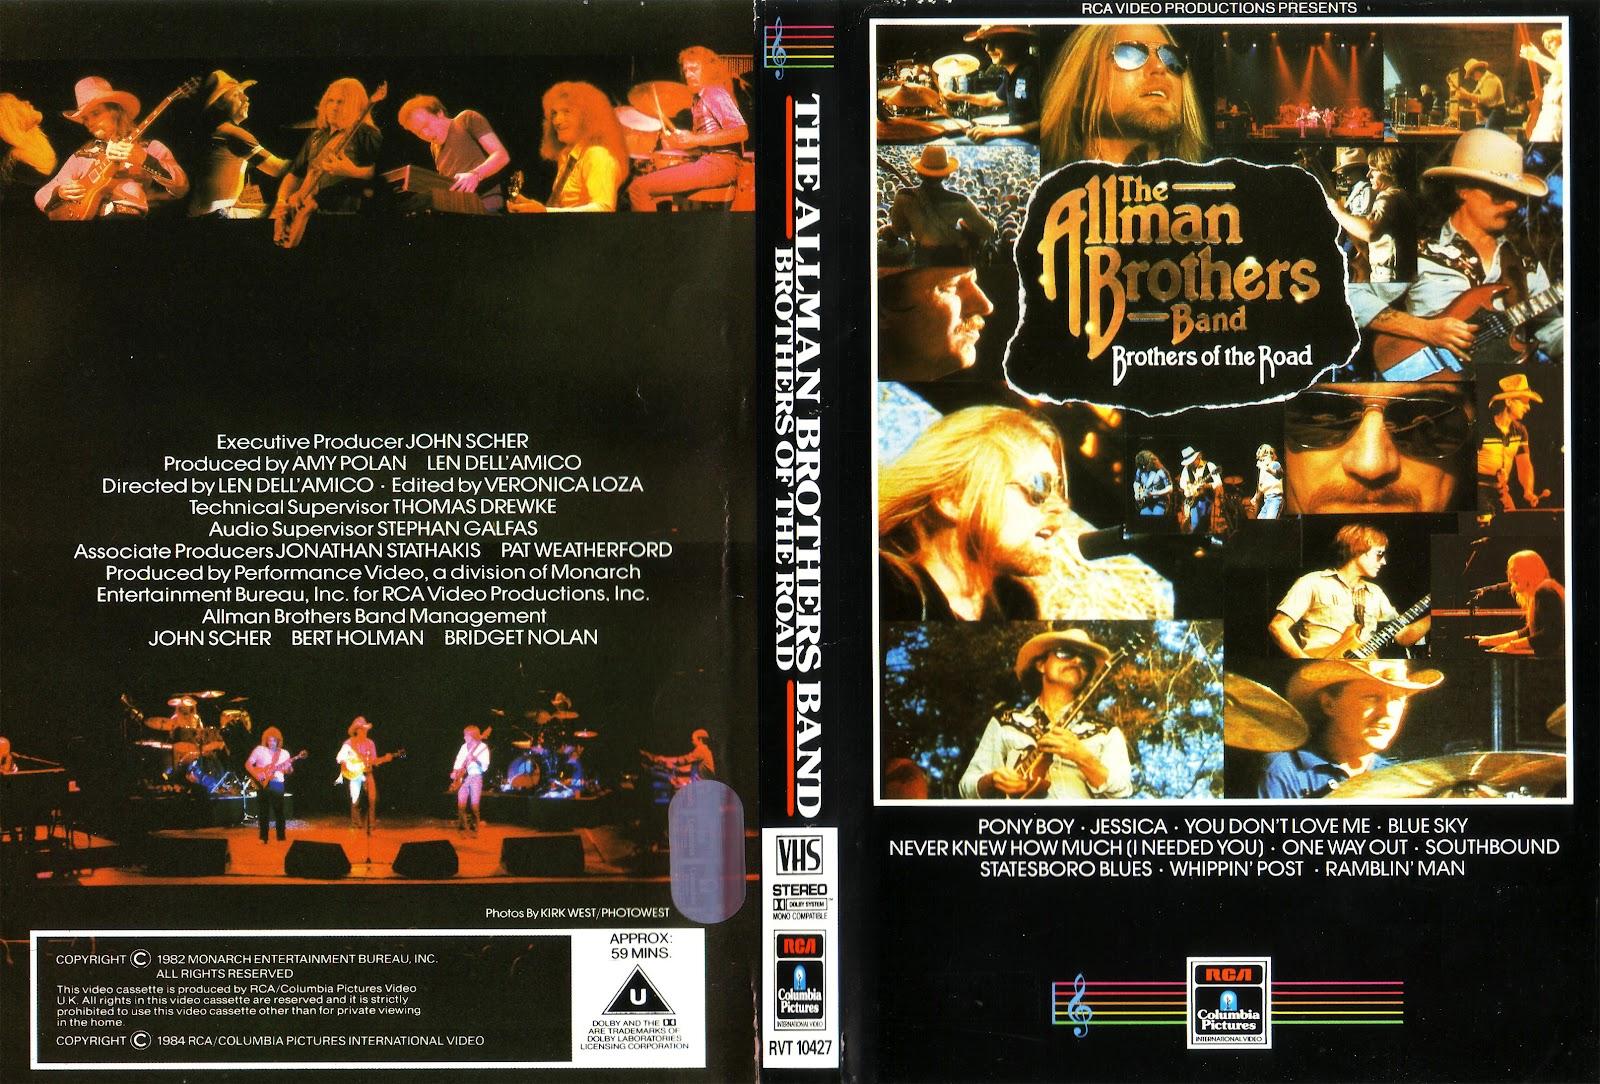 Moji muzički DVD-ići Allman+brother+band+-+brothers+of+the+road